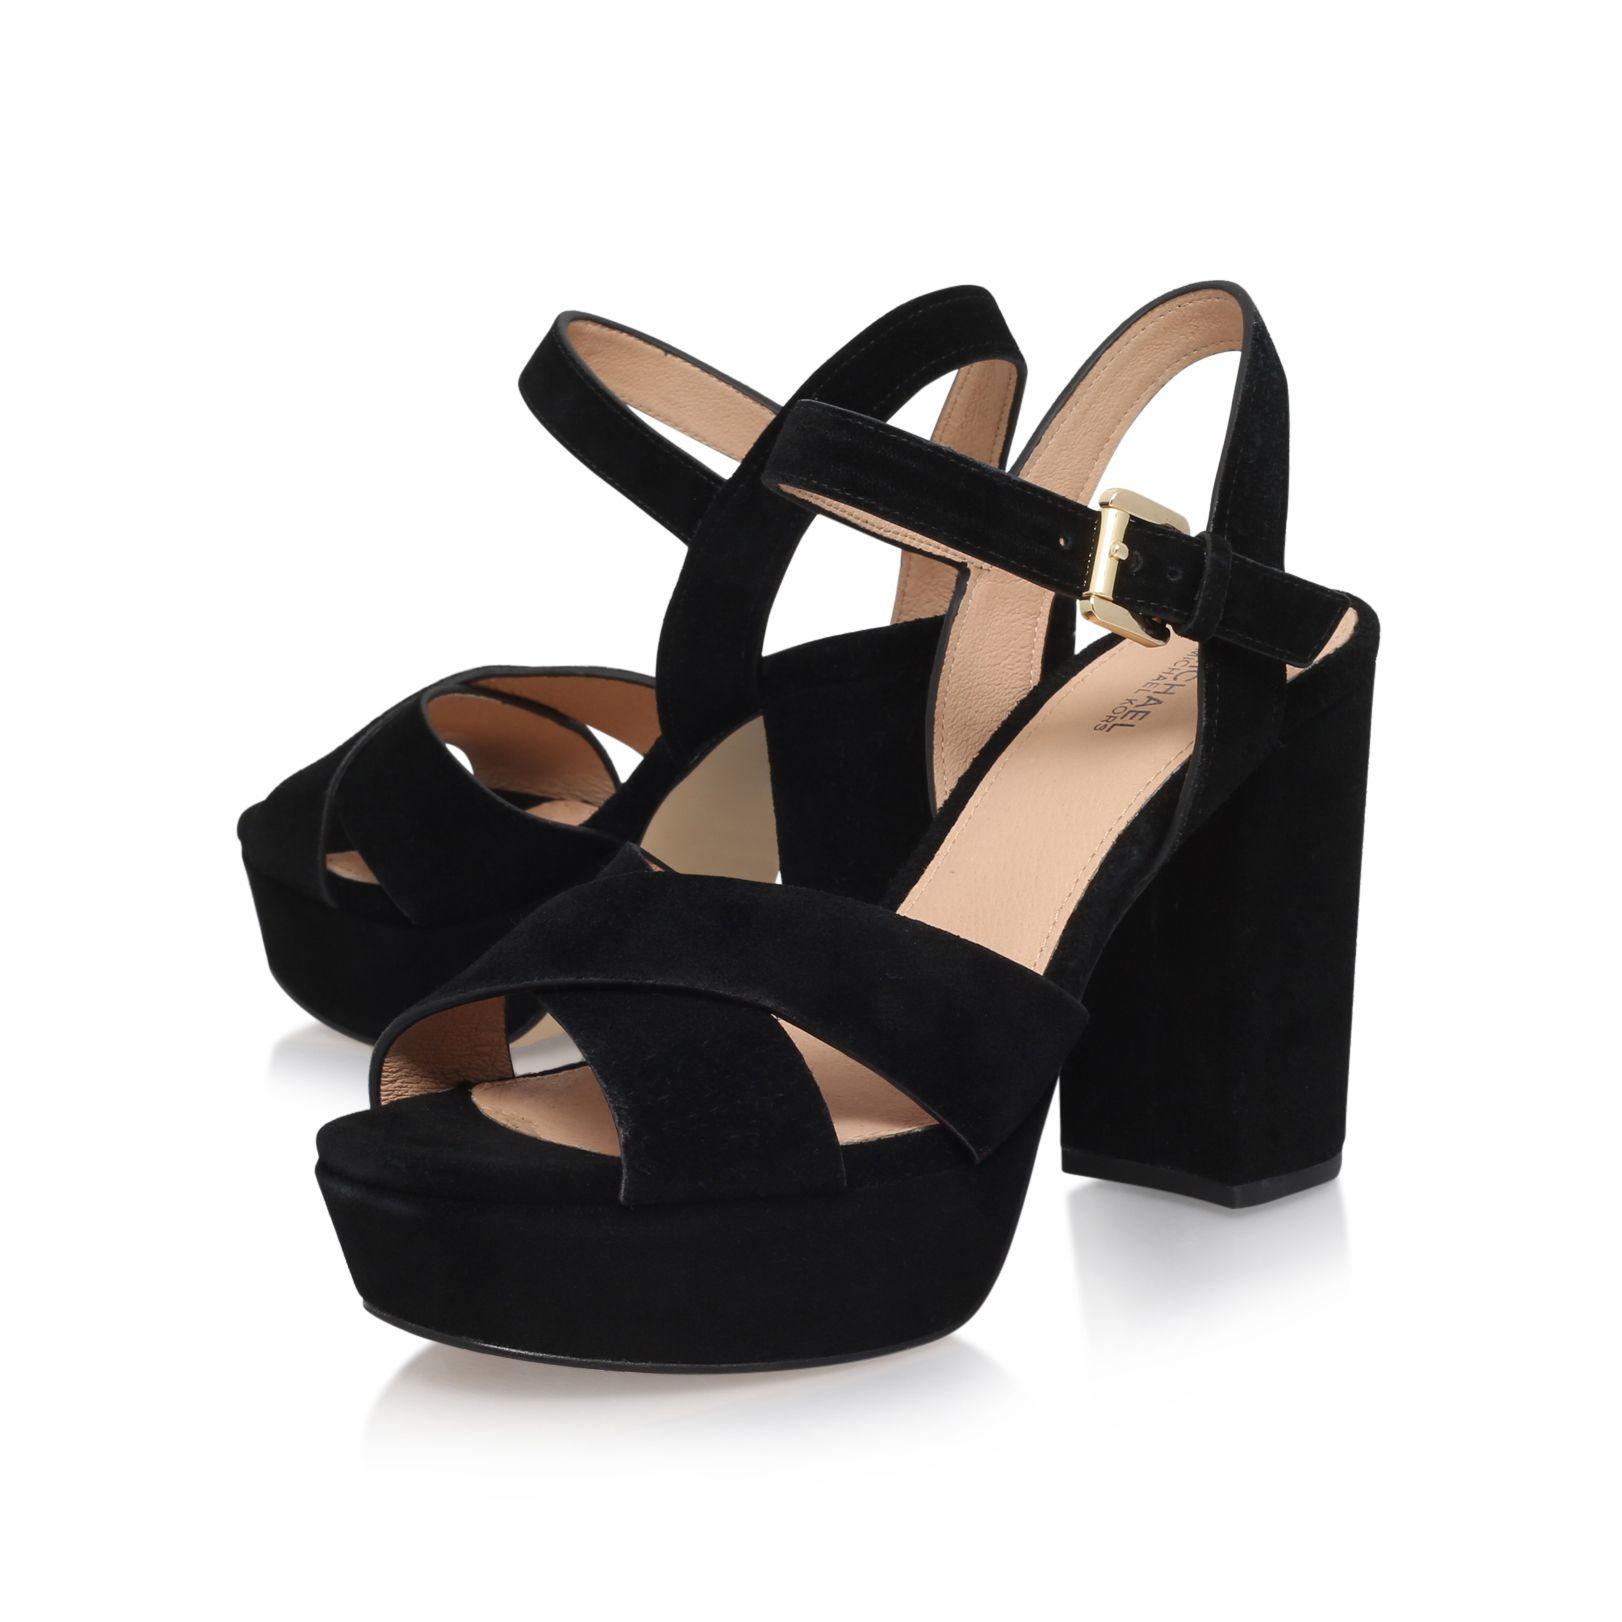 michael kors divia platform high heel sandals in black lyst. Black Bedroom Furniture Sets. Home Design Ideas